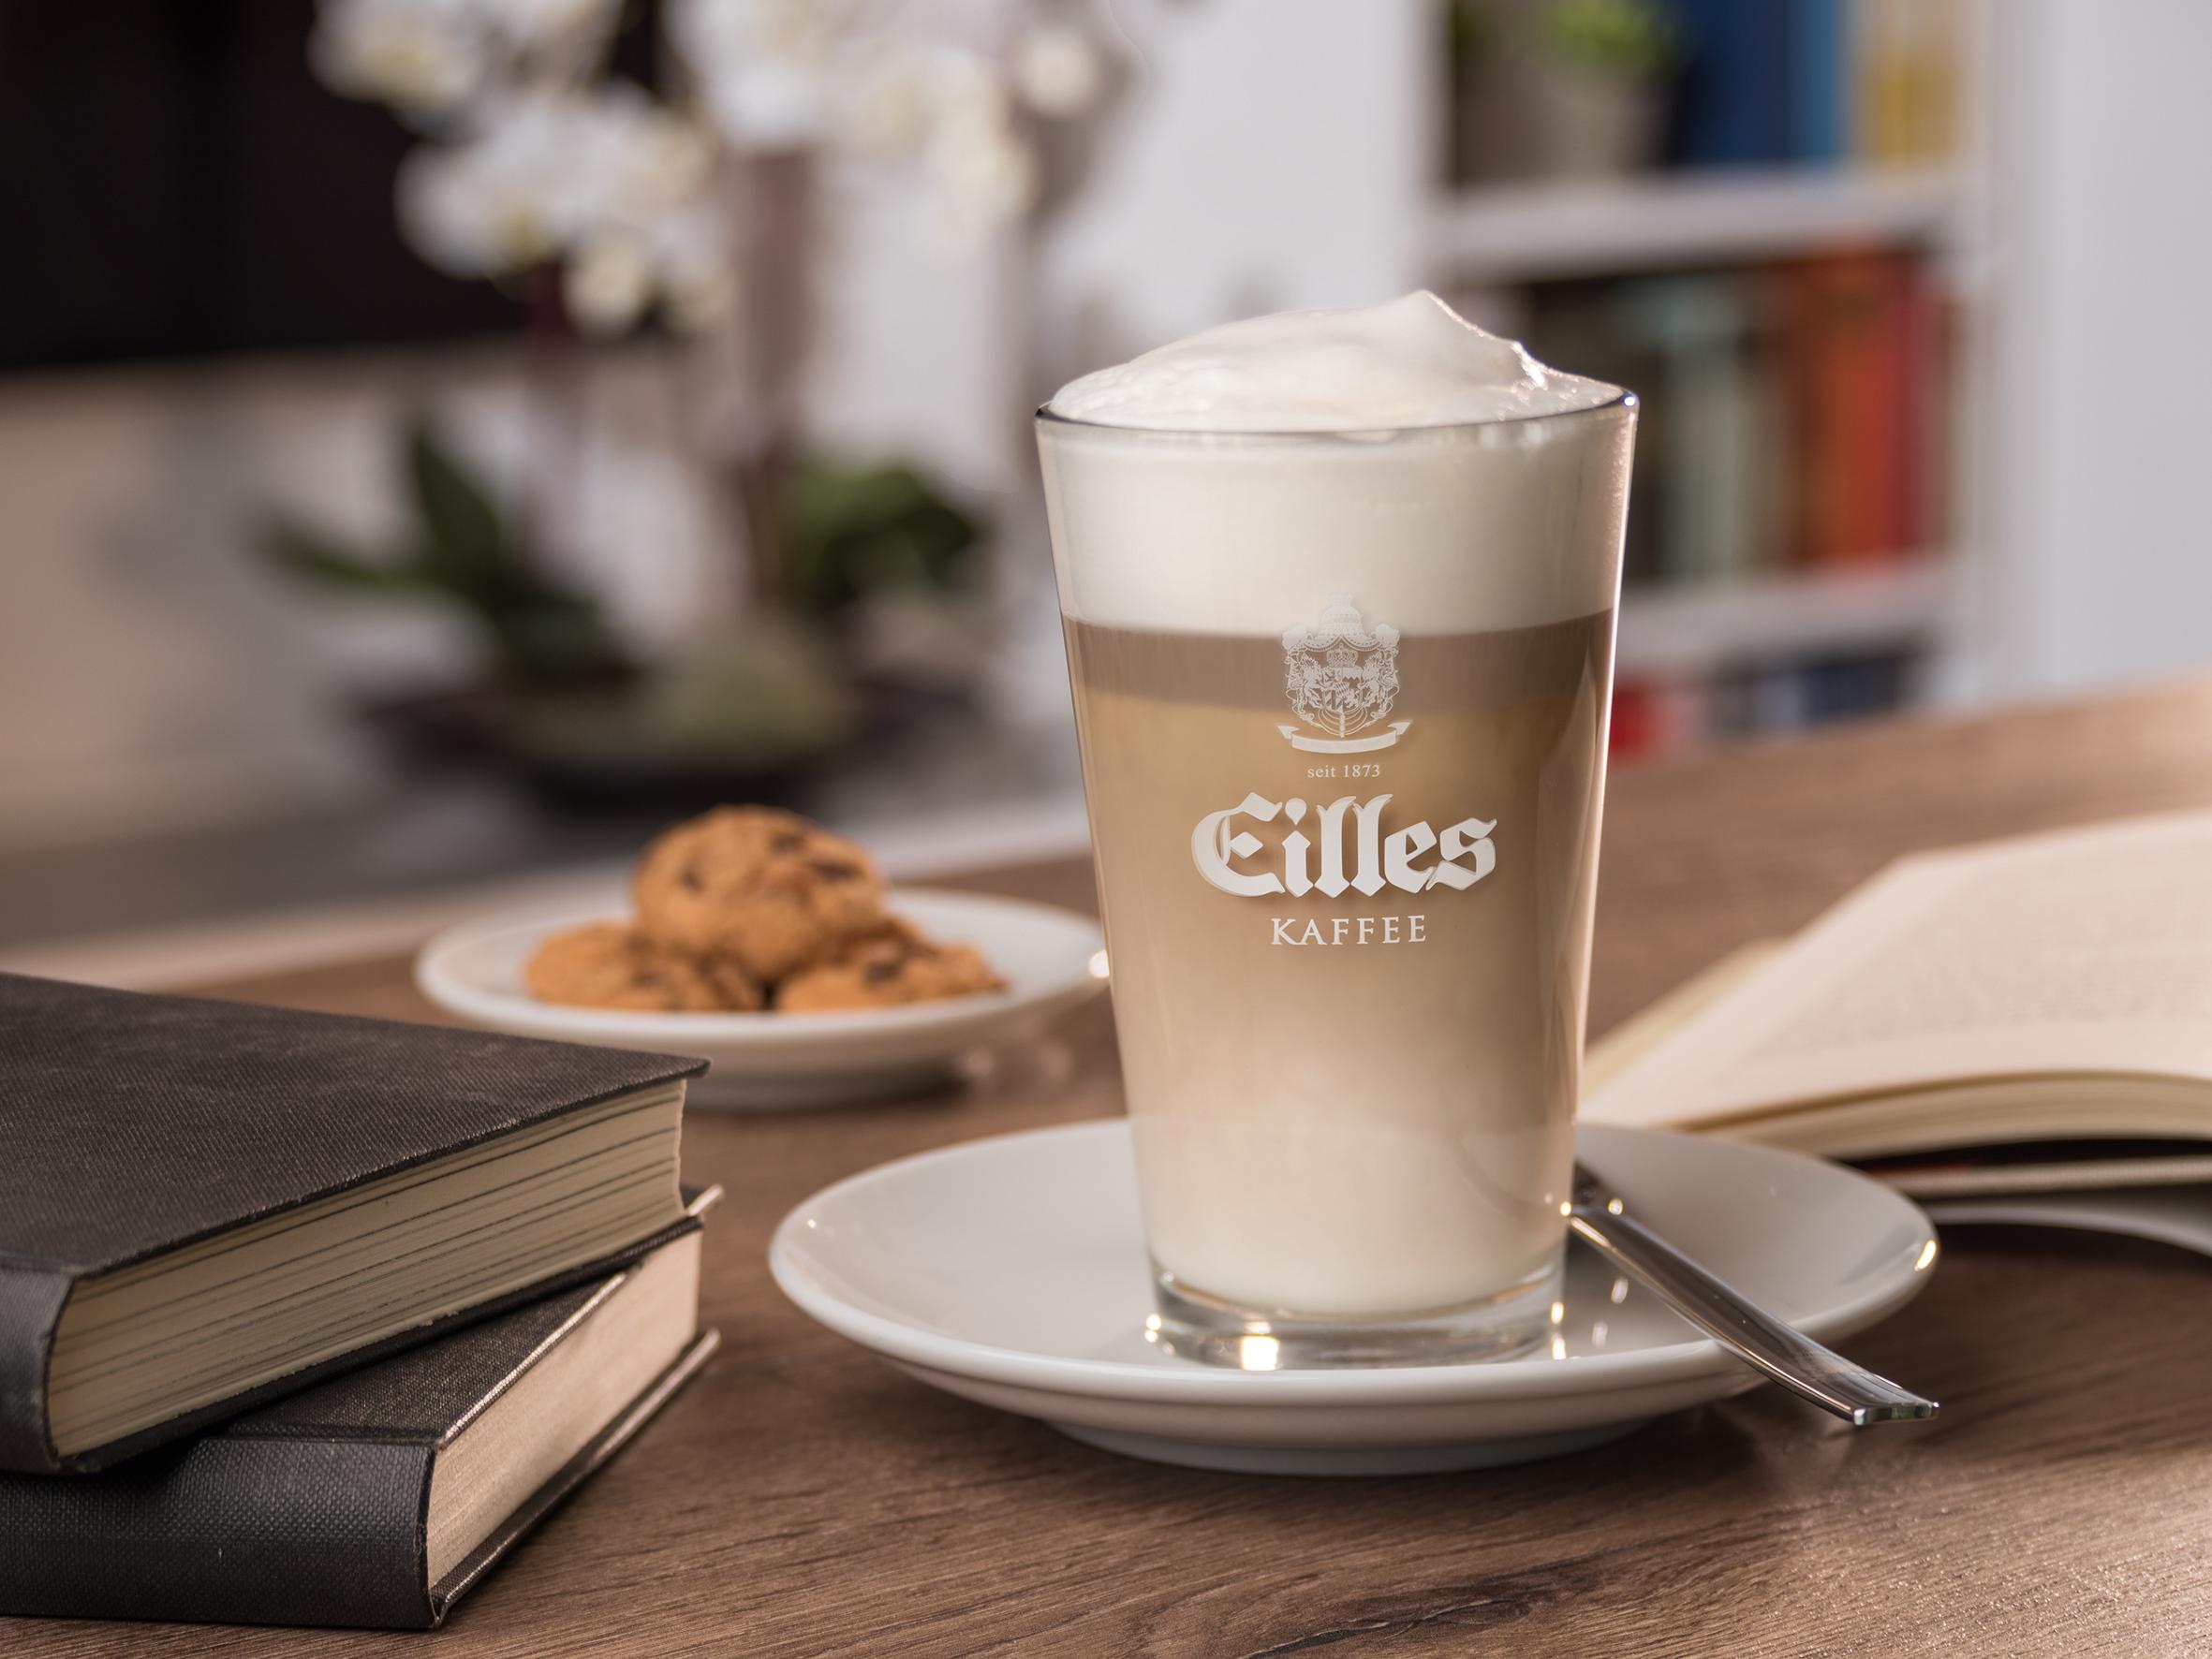 Eilles Kaffee Espresso Eilles Test Bewertung Heißgetränk